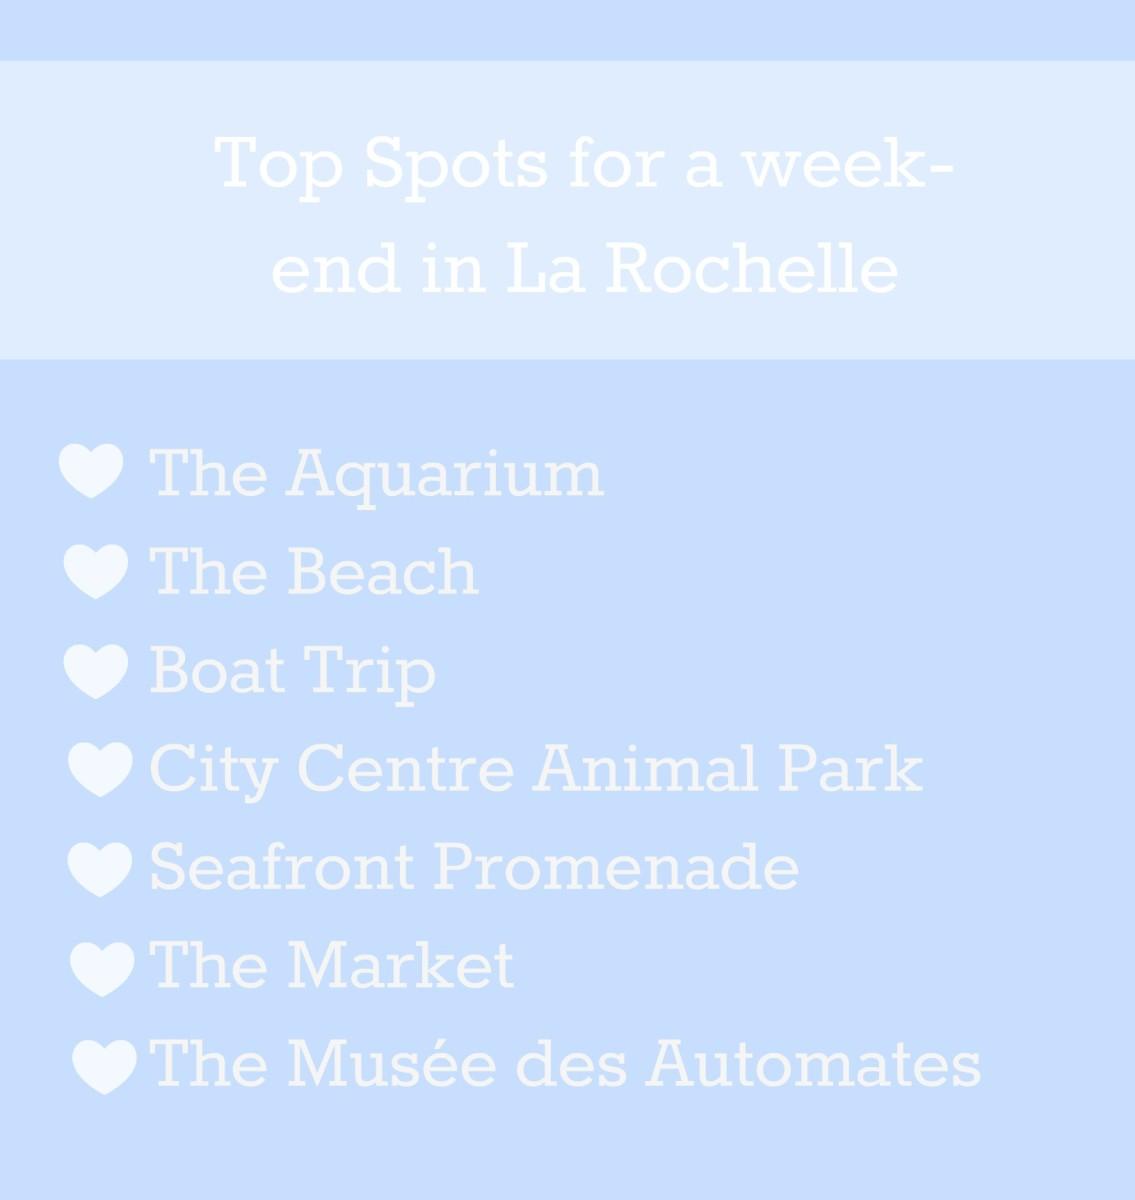 Top spots - La Rochelle